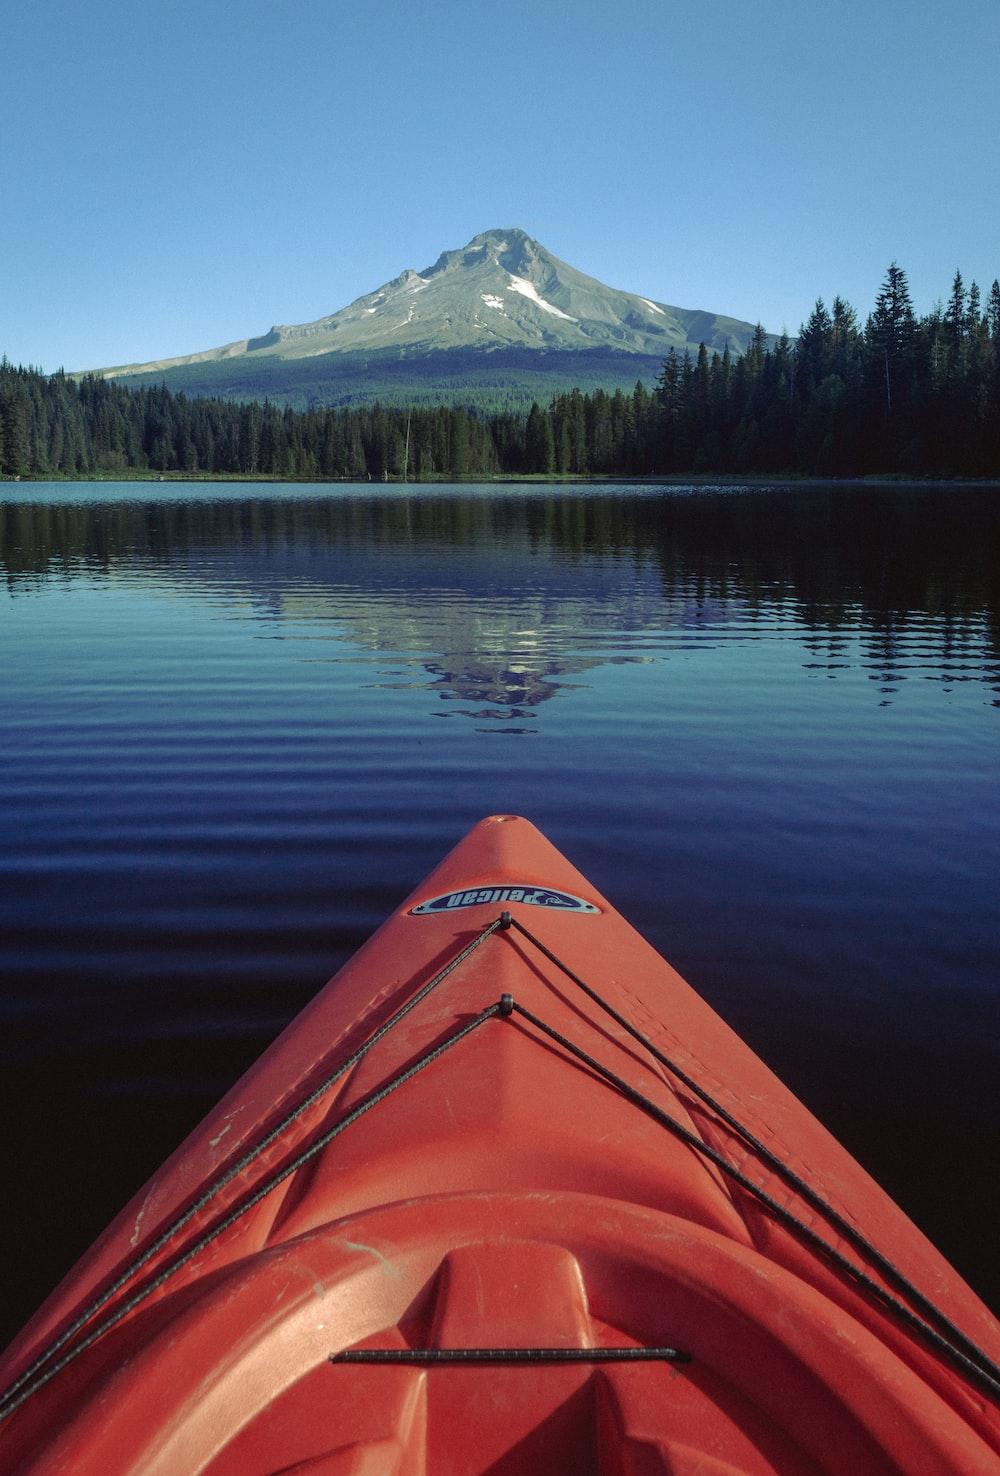 orange kayak on lake during daytime